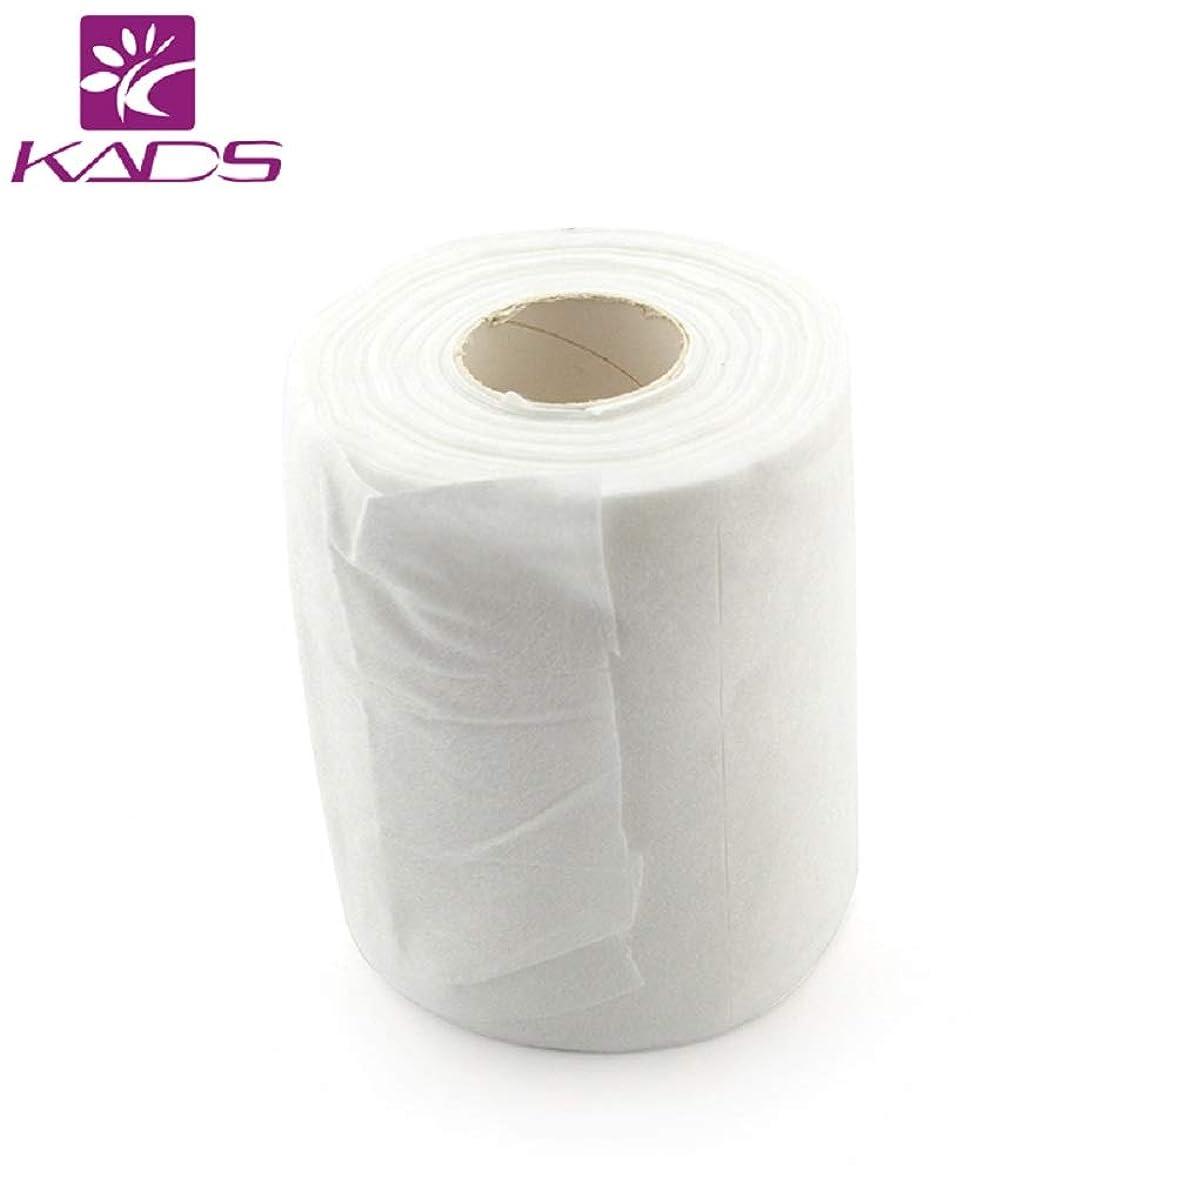 重要性お別れ直径KADS ネイルアートワイプ 未硬化ジェルの拭き取り ジェルワイプ ジェルワイプ ネイル用